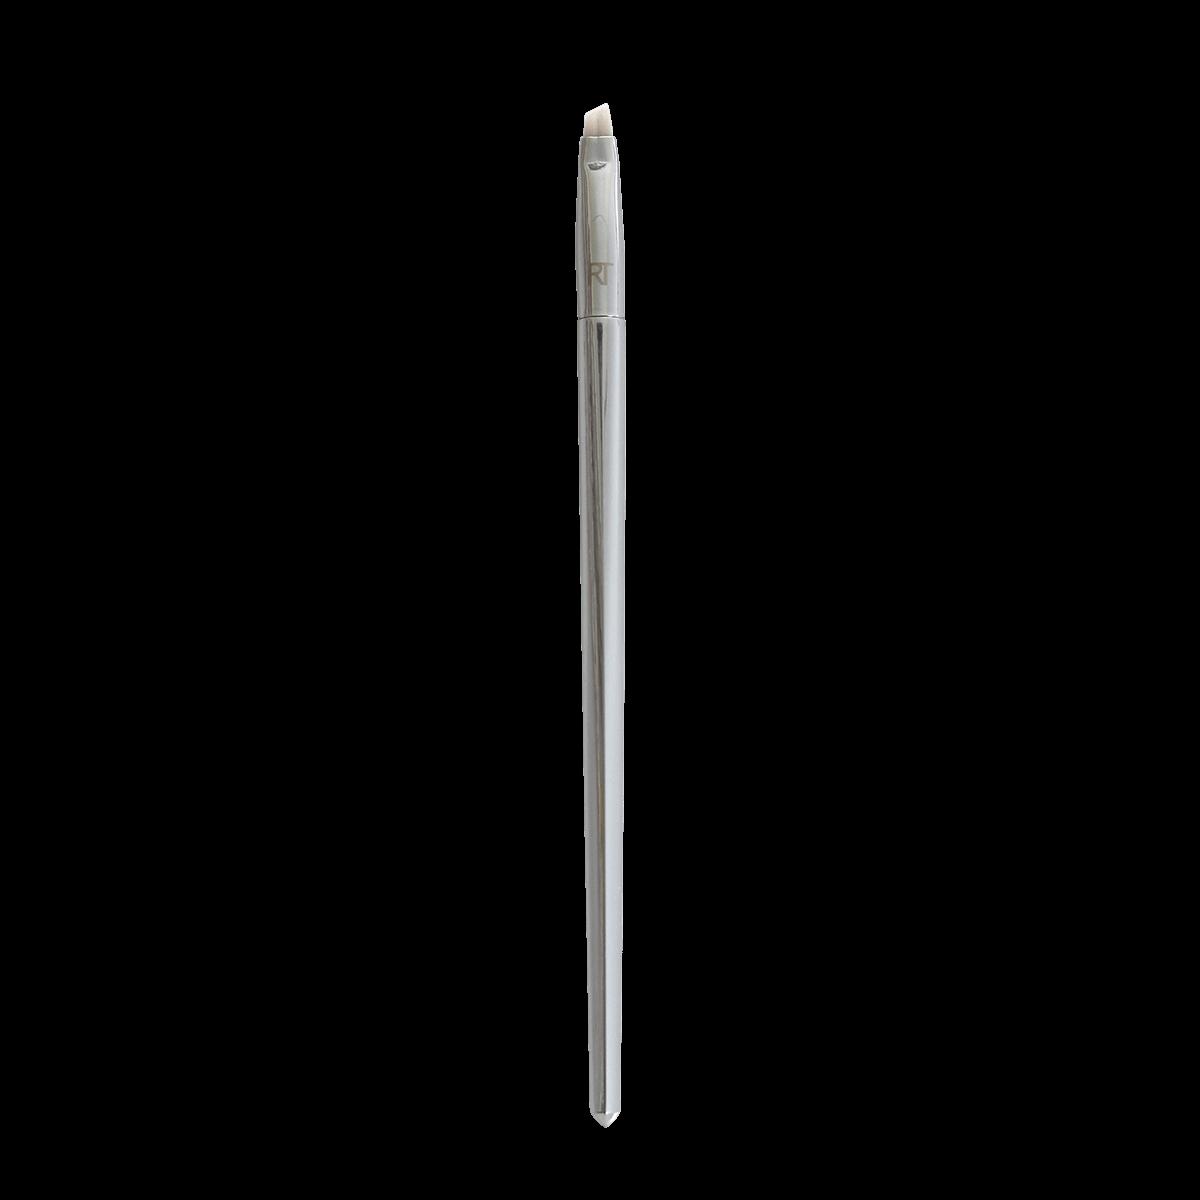 Real Techniques Кисть для подводки ANGLED LINER 202RT1405Кисть 202 angledliner от RealTechniques создана для безупречного нанесения подводки для глаз. Усовершенствованная ручка имеет оптимальную длину и ширину, благодаря чему кисть очень удобно лежит в руке, значительно упрощая процесс создания идеальных стрелок. Короткий скошенный ворс отличается одновременно удивительной мягкостью и упругостью, что позволяет легко рисовать стрелки различной ширины. Кисть равномерно распределяет текстуру подводки, не создавая разводов и неровностей в цвете. Ворс не вызывает раздражения,не колет и не царапает кожу. Кроме того, он не линяет и не пушится, благодаря чему линия подводки всегда получается ровной и аккуратной. Искусственный ворс - таклон ручной набивки и стрижки